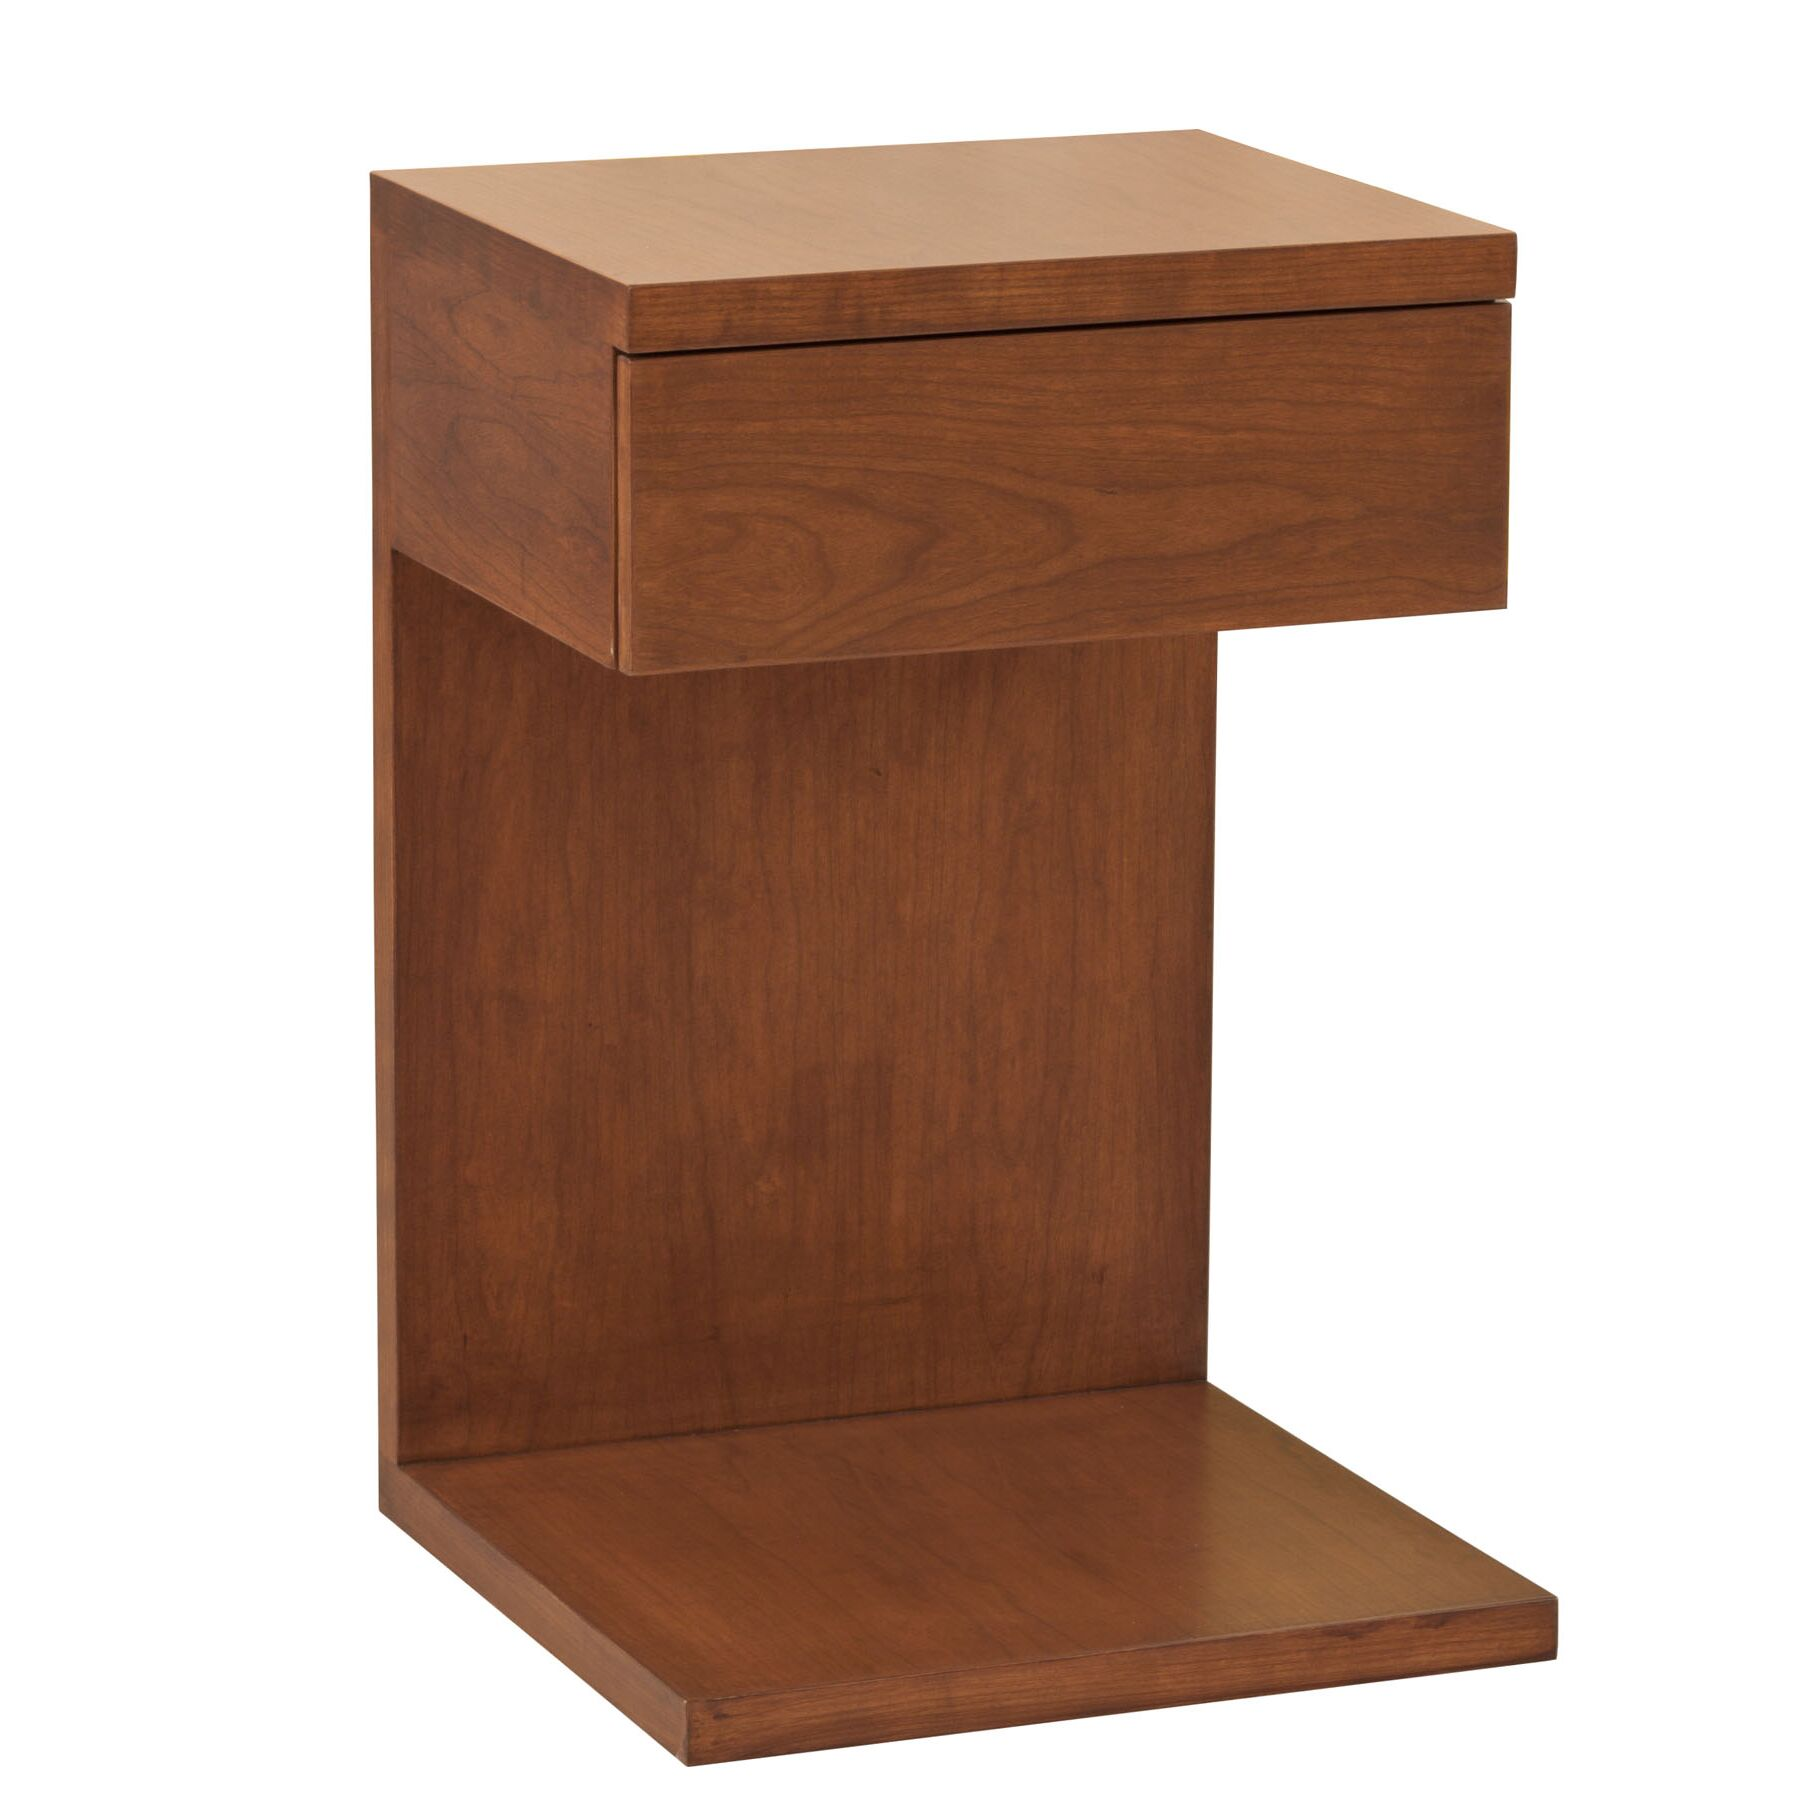 Kadon End Table Wood Veneer: Maple, Color: Ebony